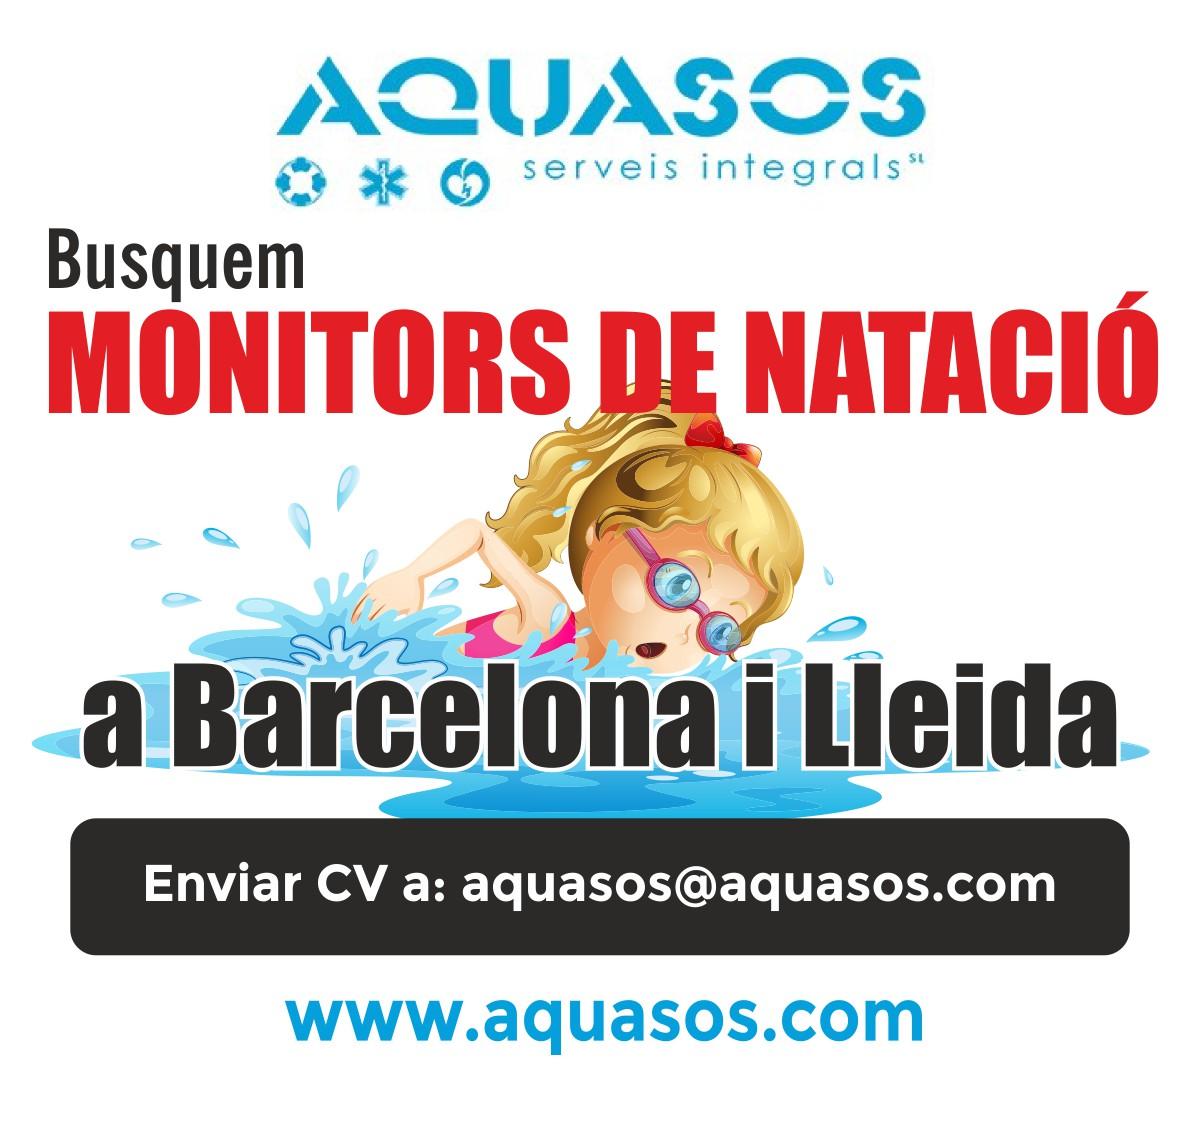 Busquem Monitors de natació per a les piscines de Barcelona i Lleida